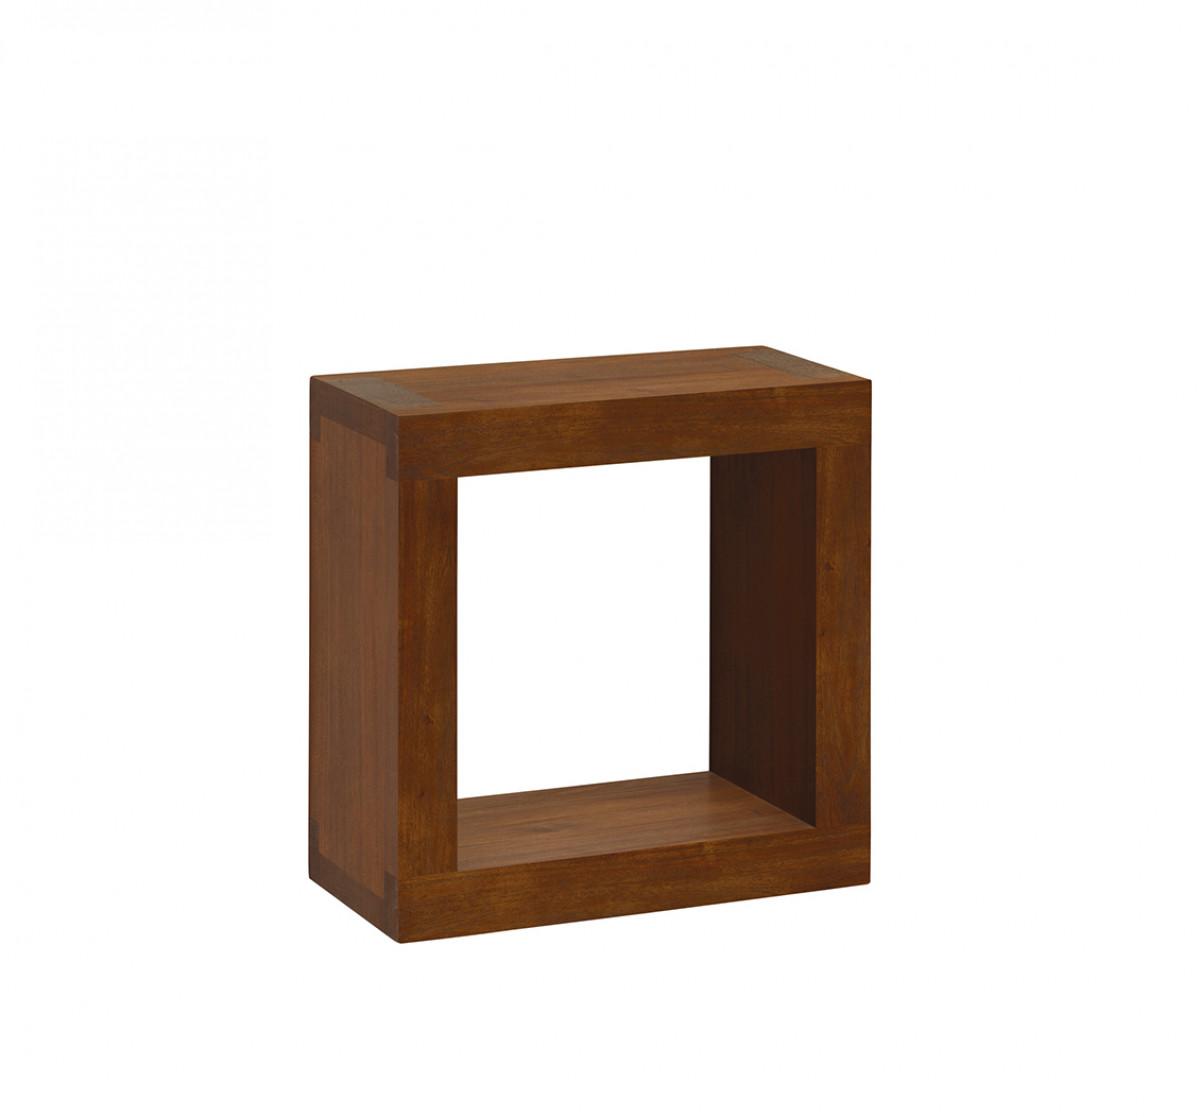 etagere murale cube en bois naturel d acajou 40 20 40 cm veland